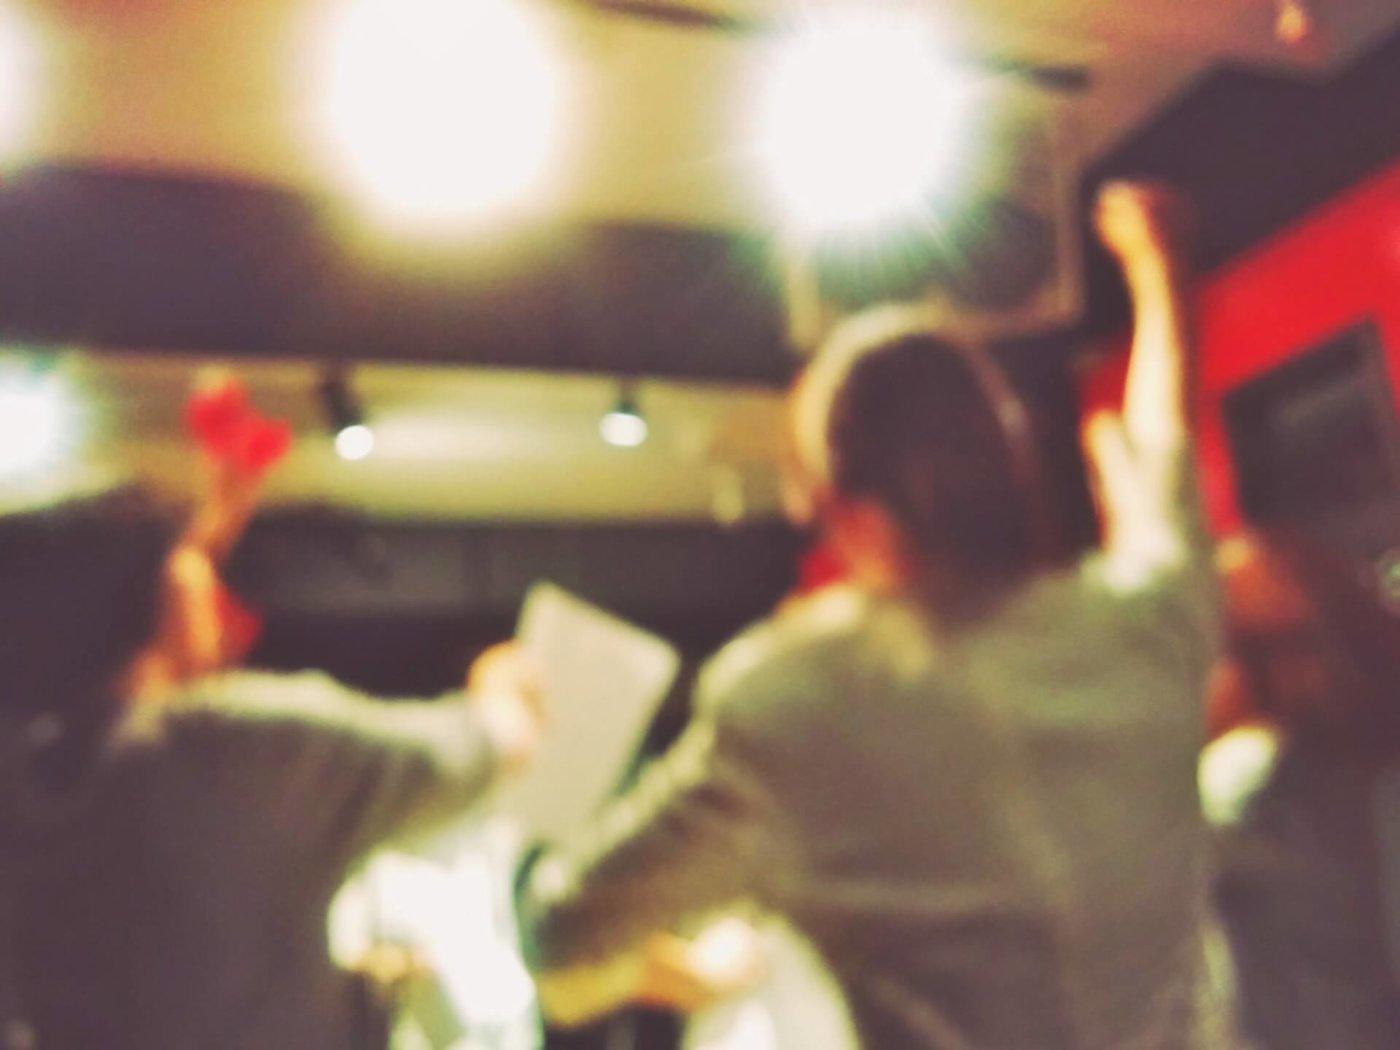 万人ウケするカラオケで歌いやすいアップテンポな曲は?